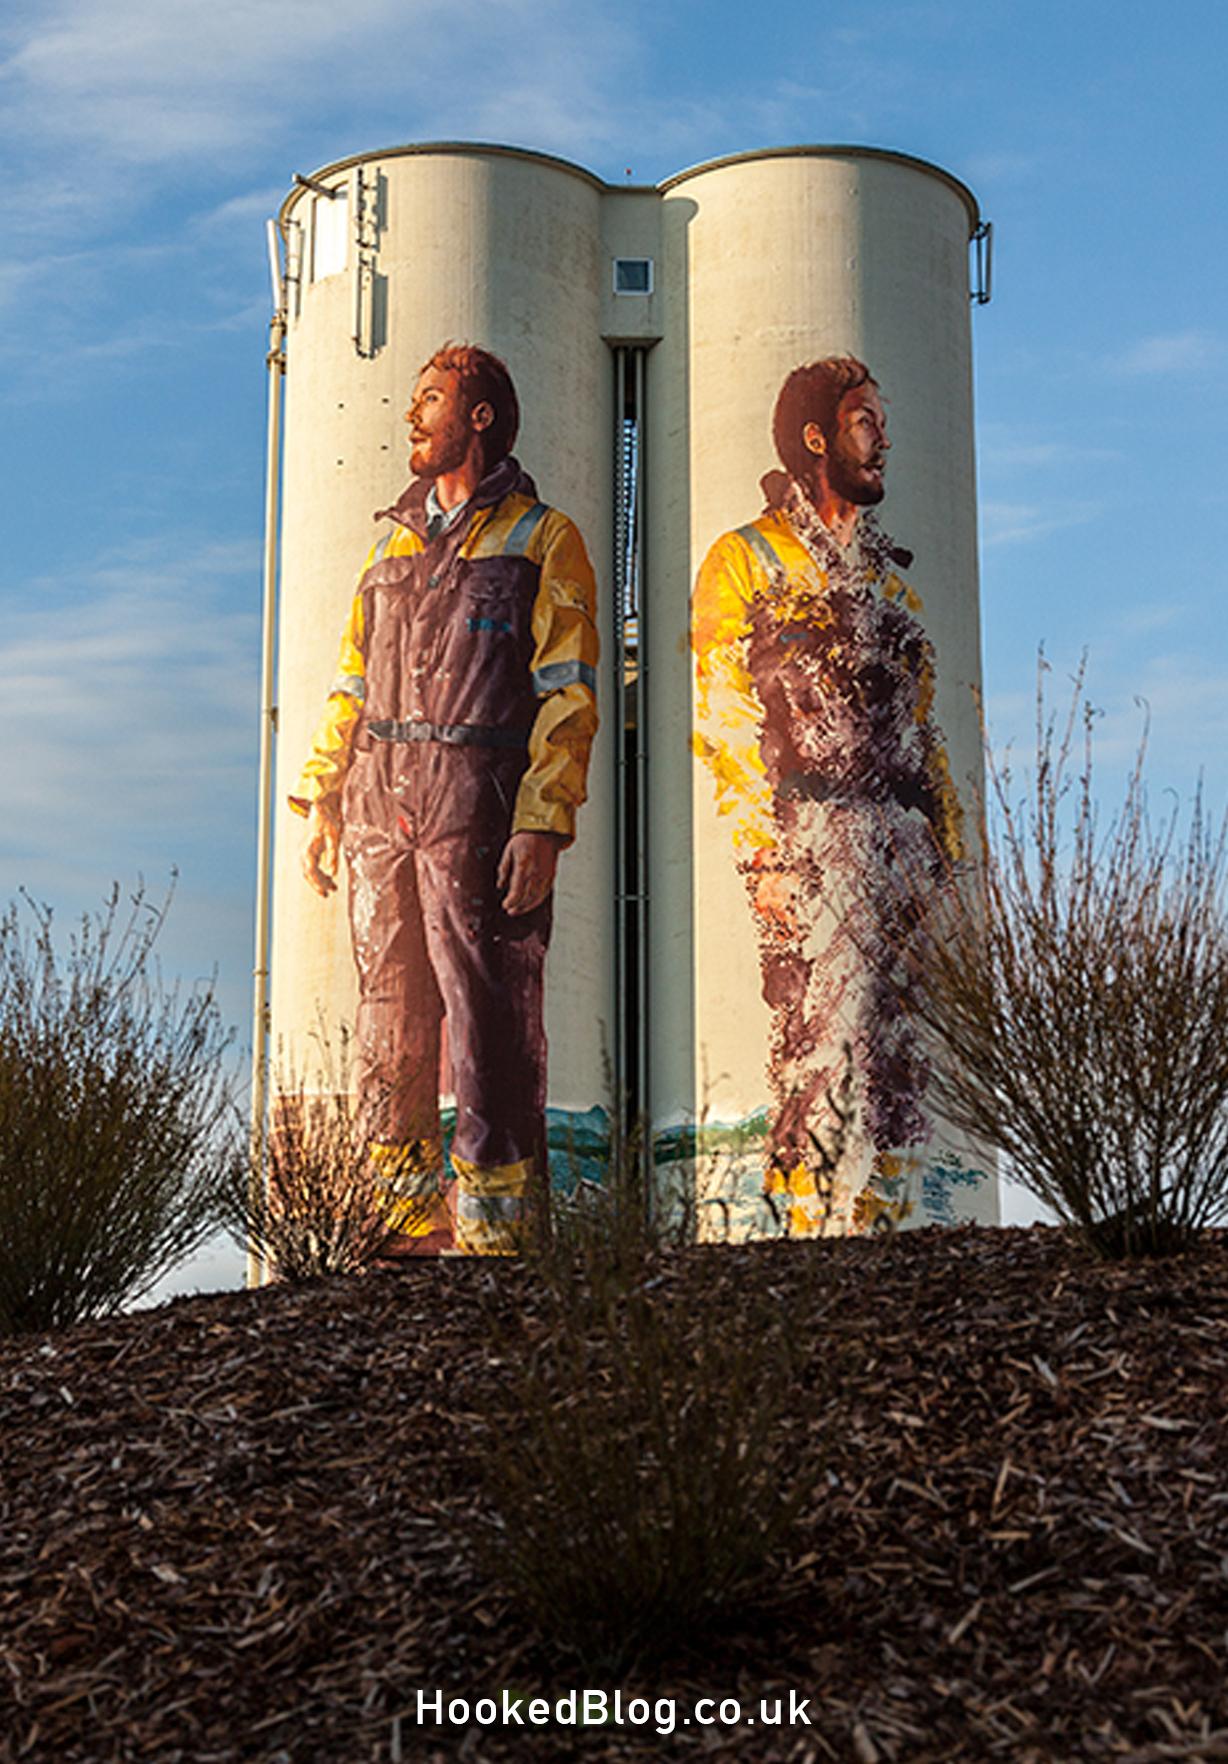 Stavanger Street Art Mural by Fintan Magee in Norway